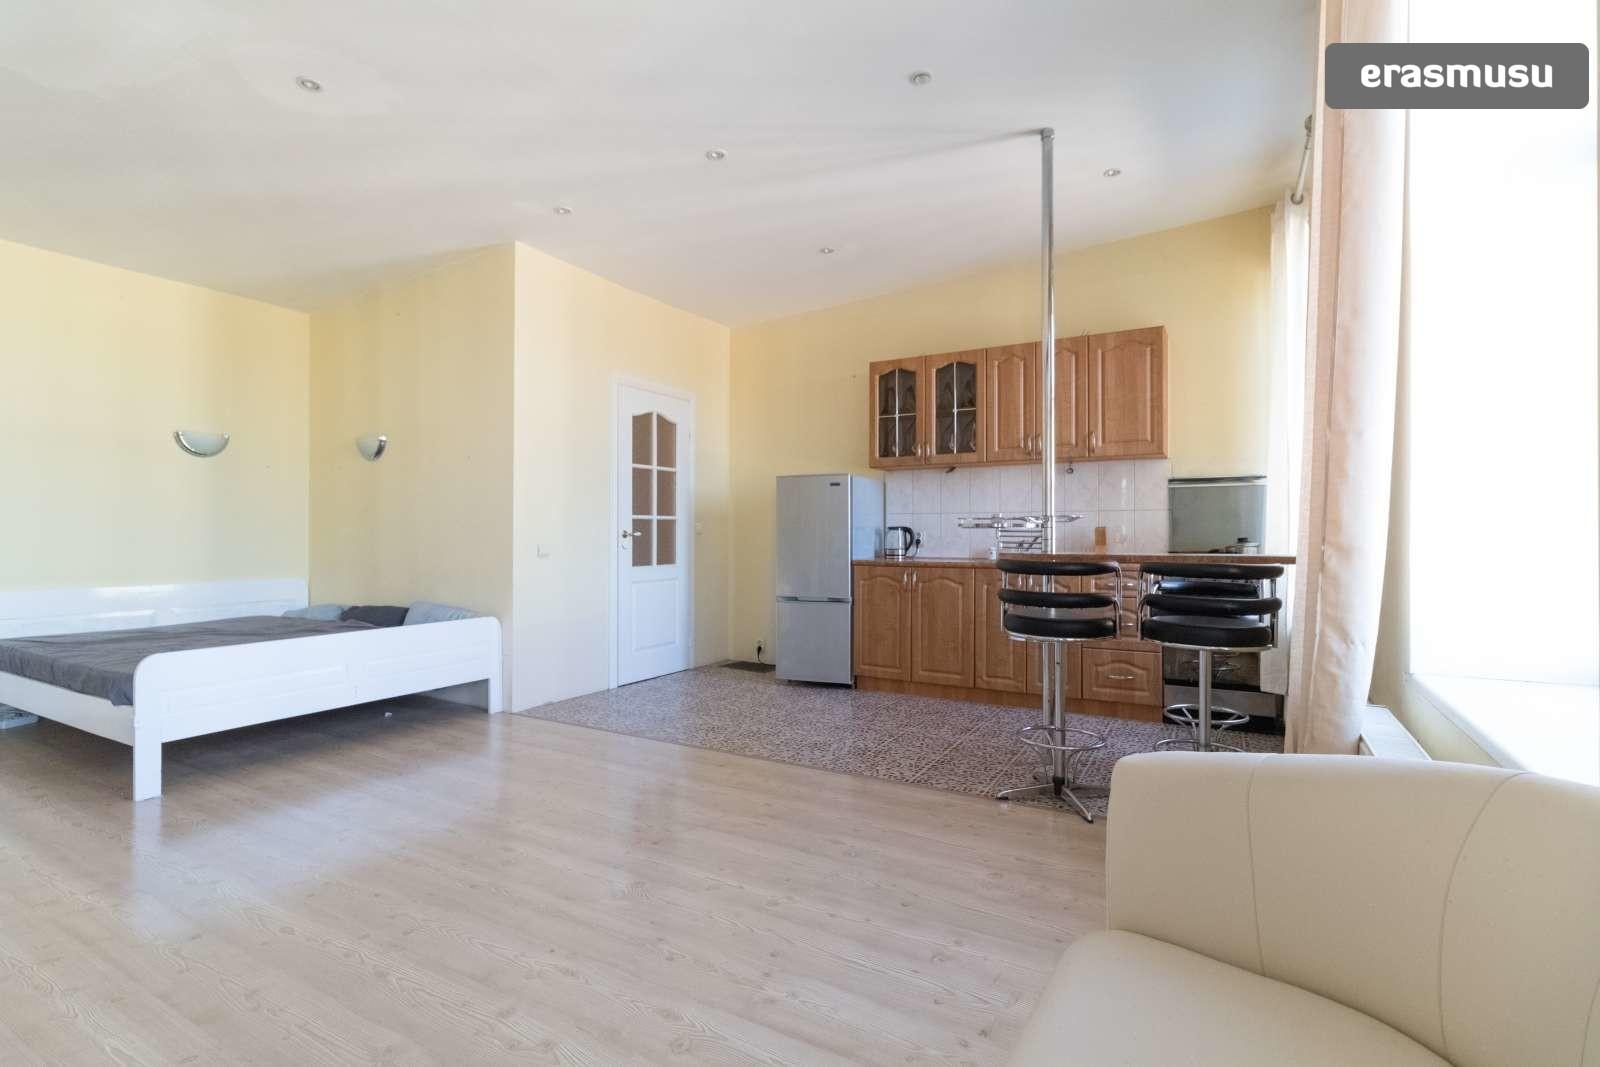 bright-studio-apartment-rent-centrs-d1c856b7ec6465657d80b413c522